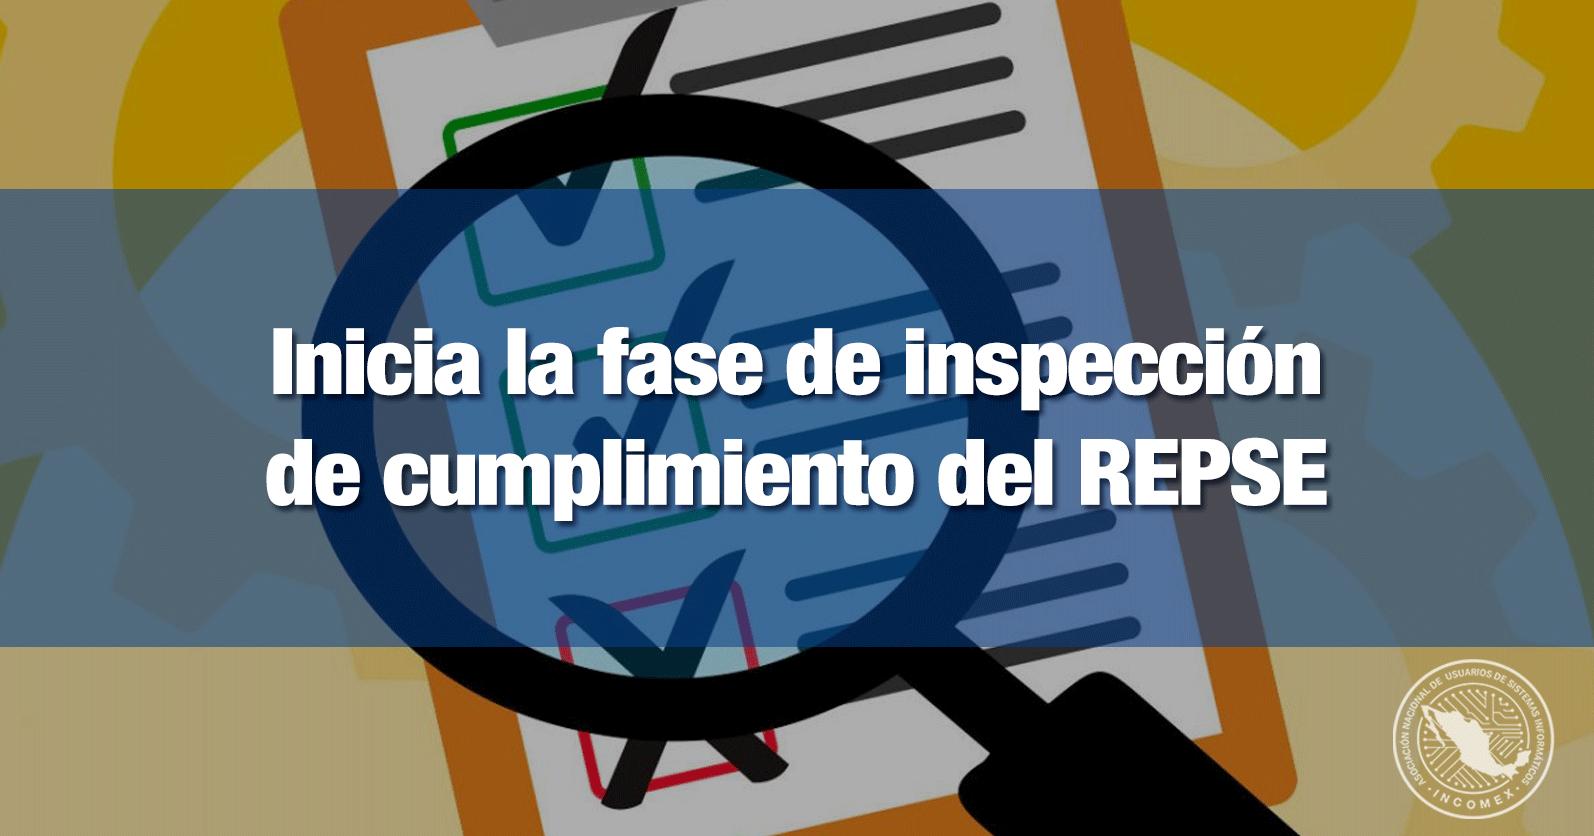 Inicia la fase de inspección de cumplimiento del REPSE